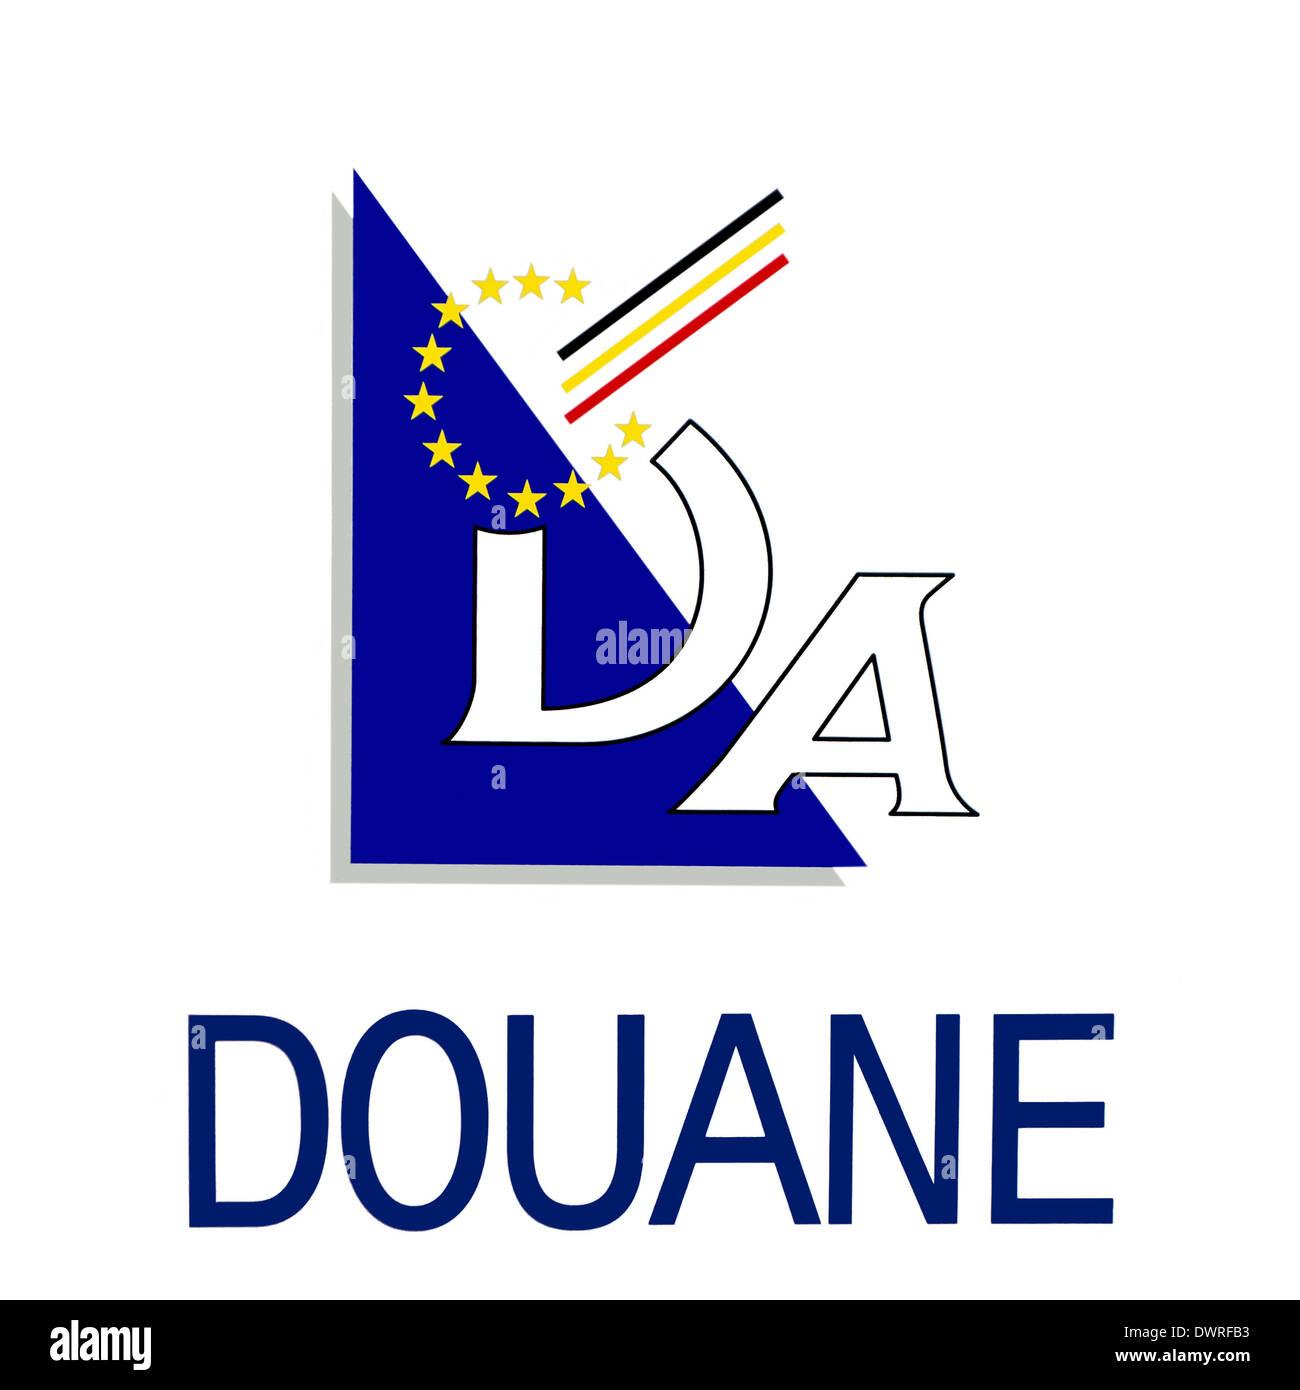 Logo of the douane, Belgian customs duty in Belgium - Stock Image